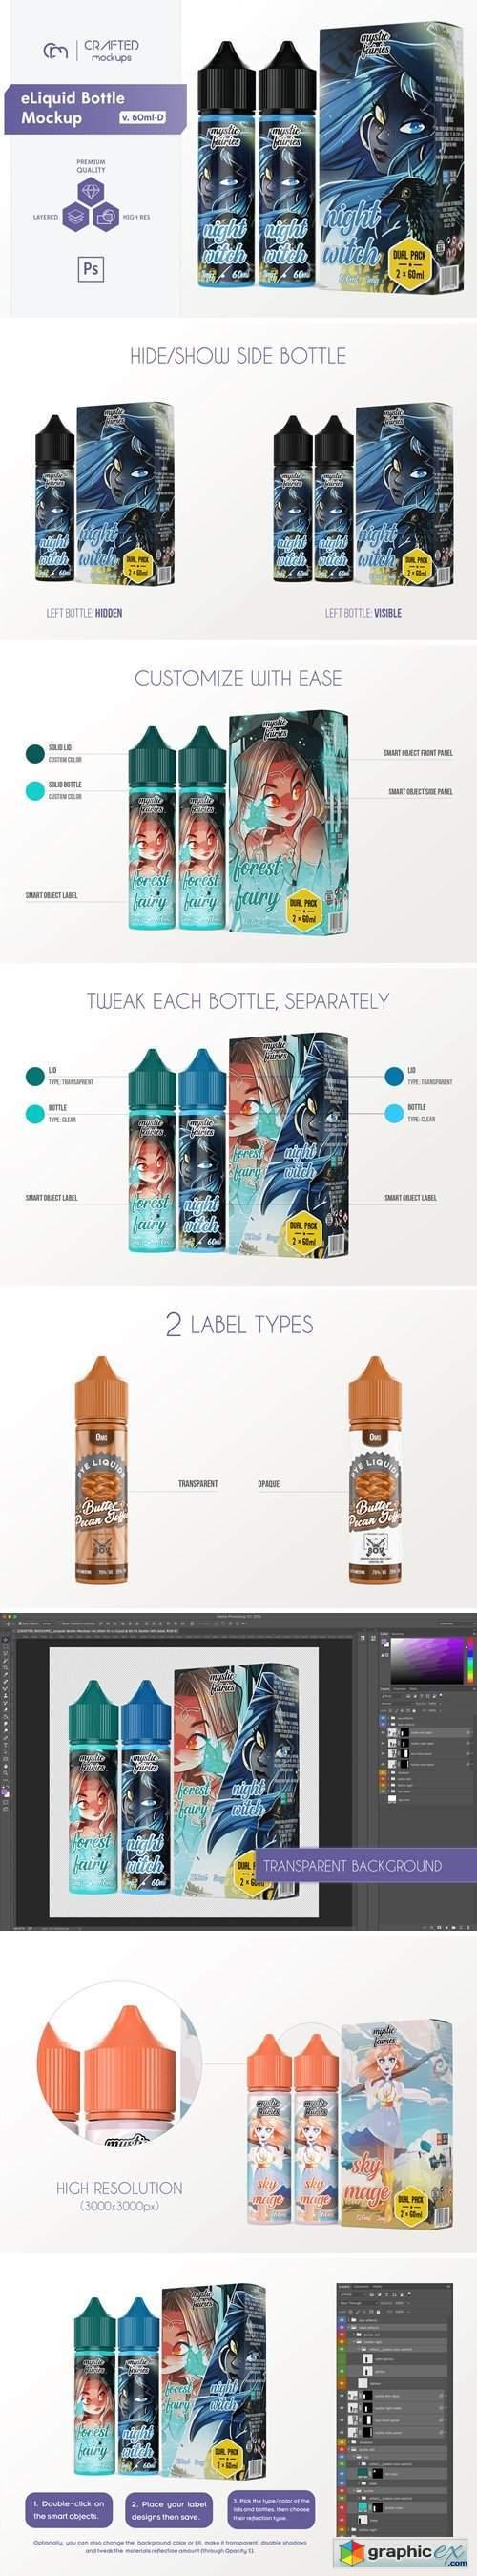 eLiquid Bottle Mockup v. 60ml-D